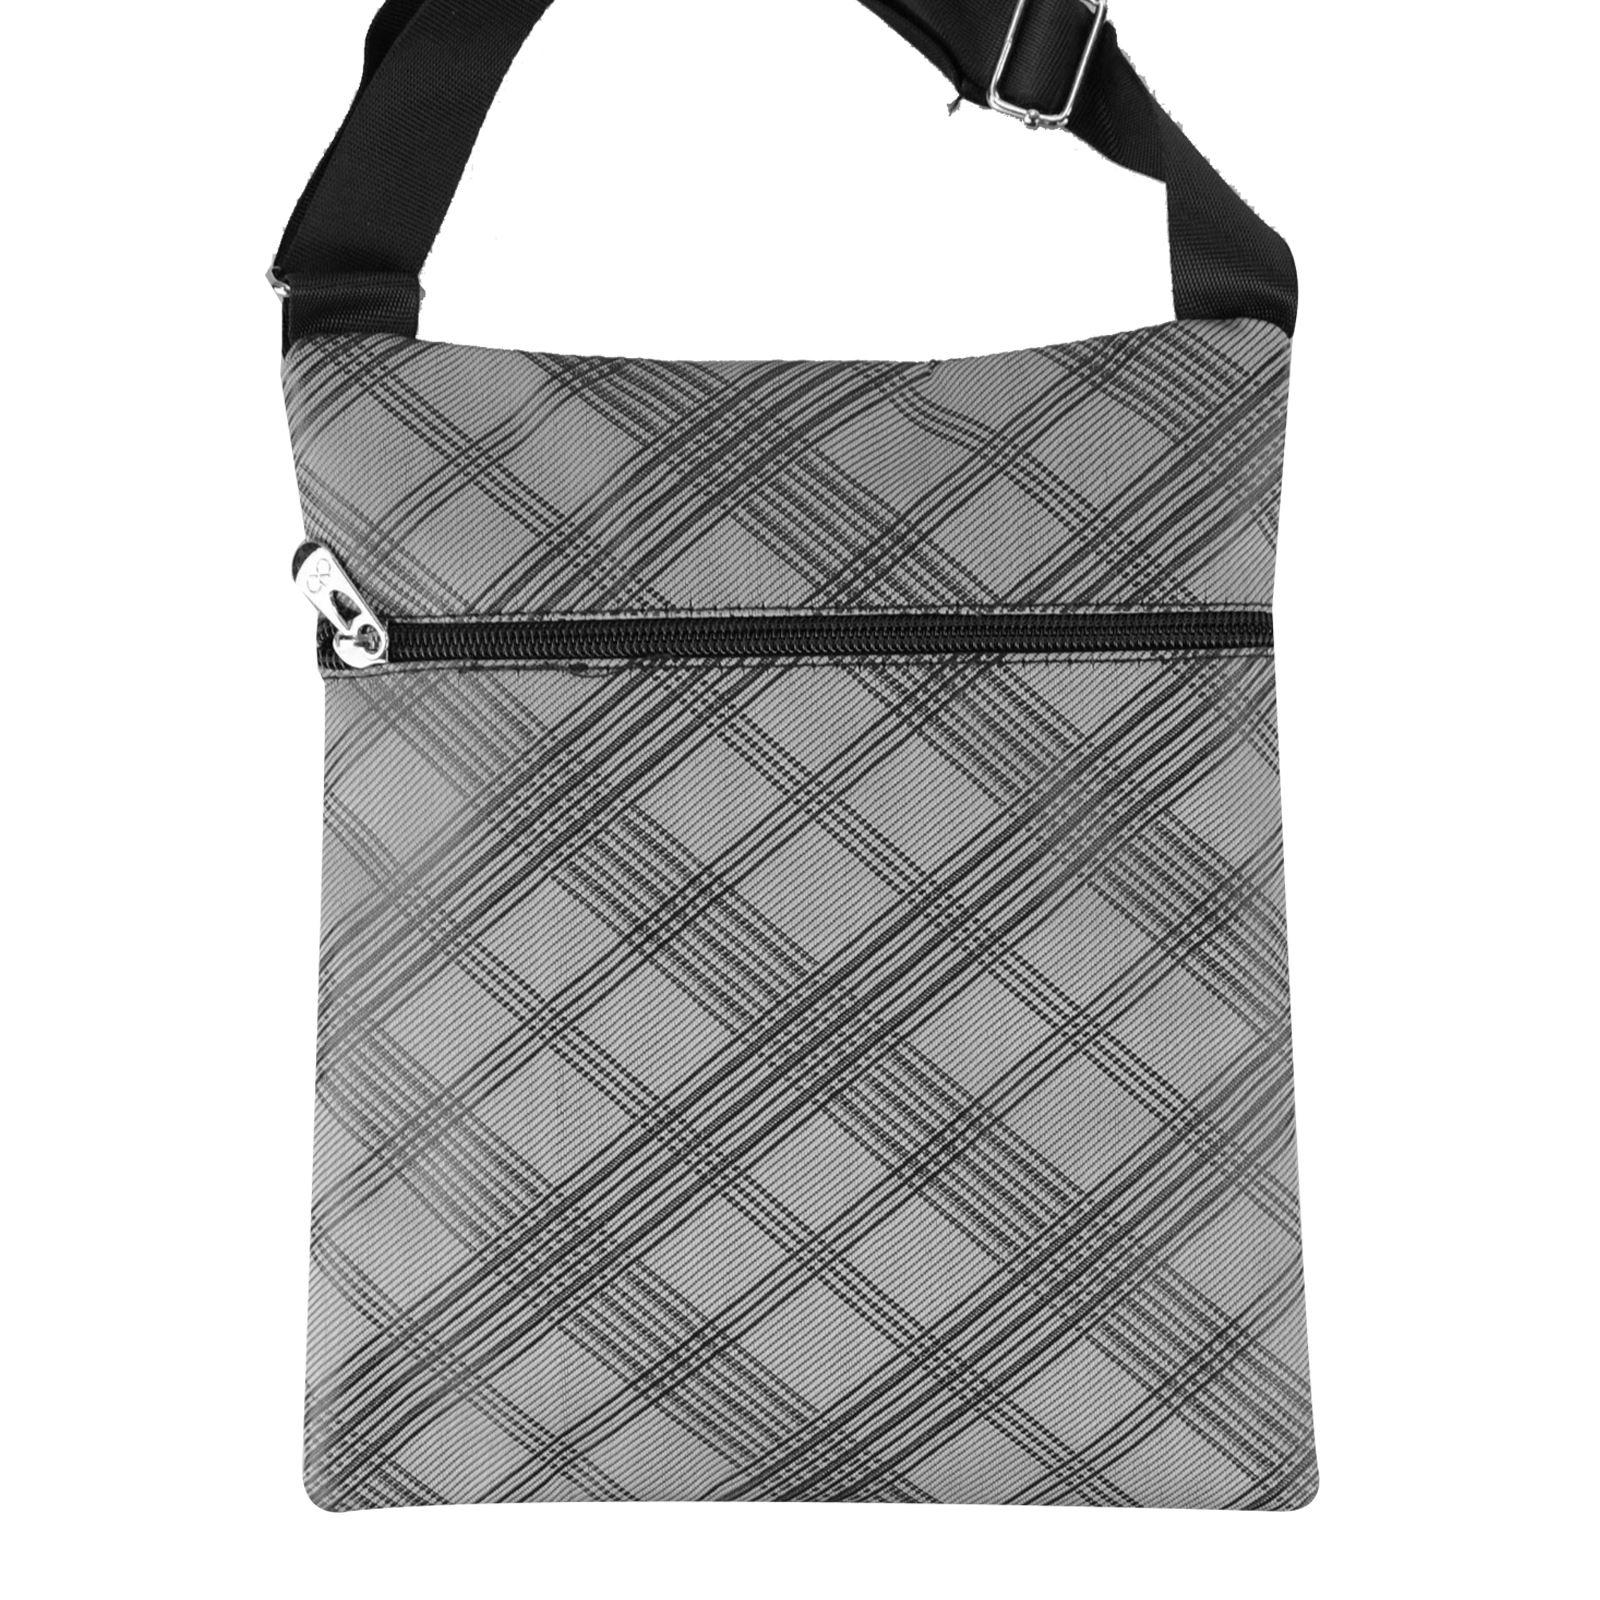 Mens Small Check Pattern Organiser Shoulder Bag Adjustable Strap Zip Up Pockets